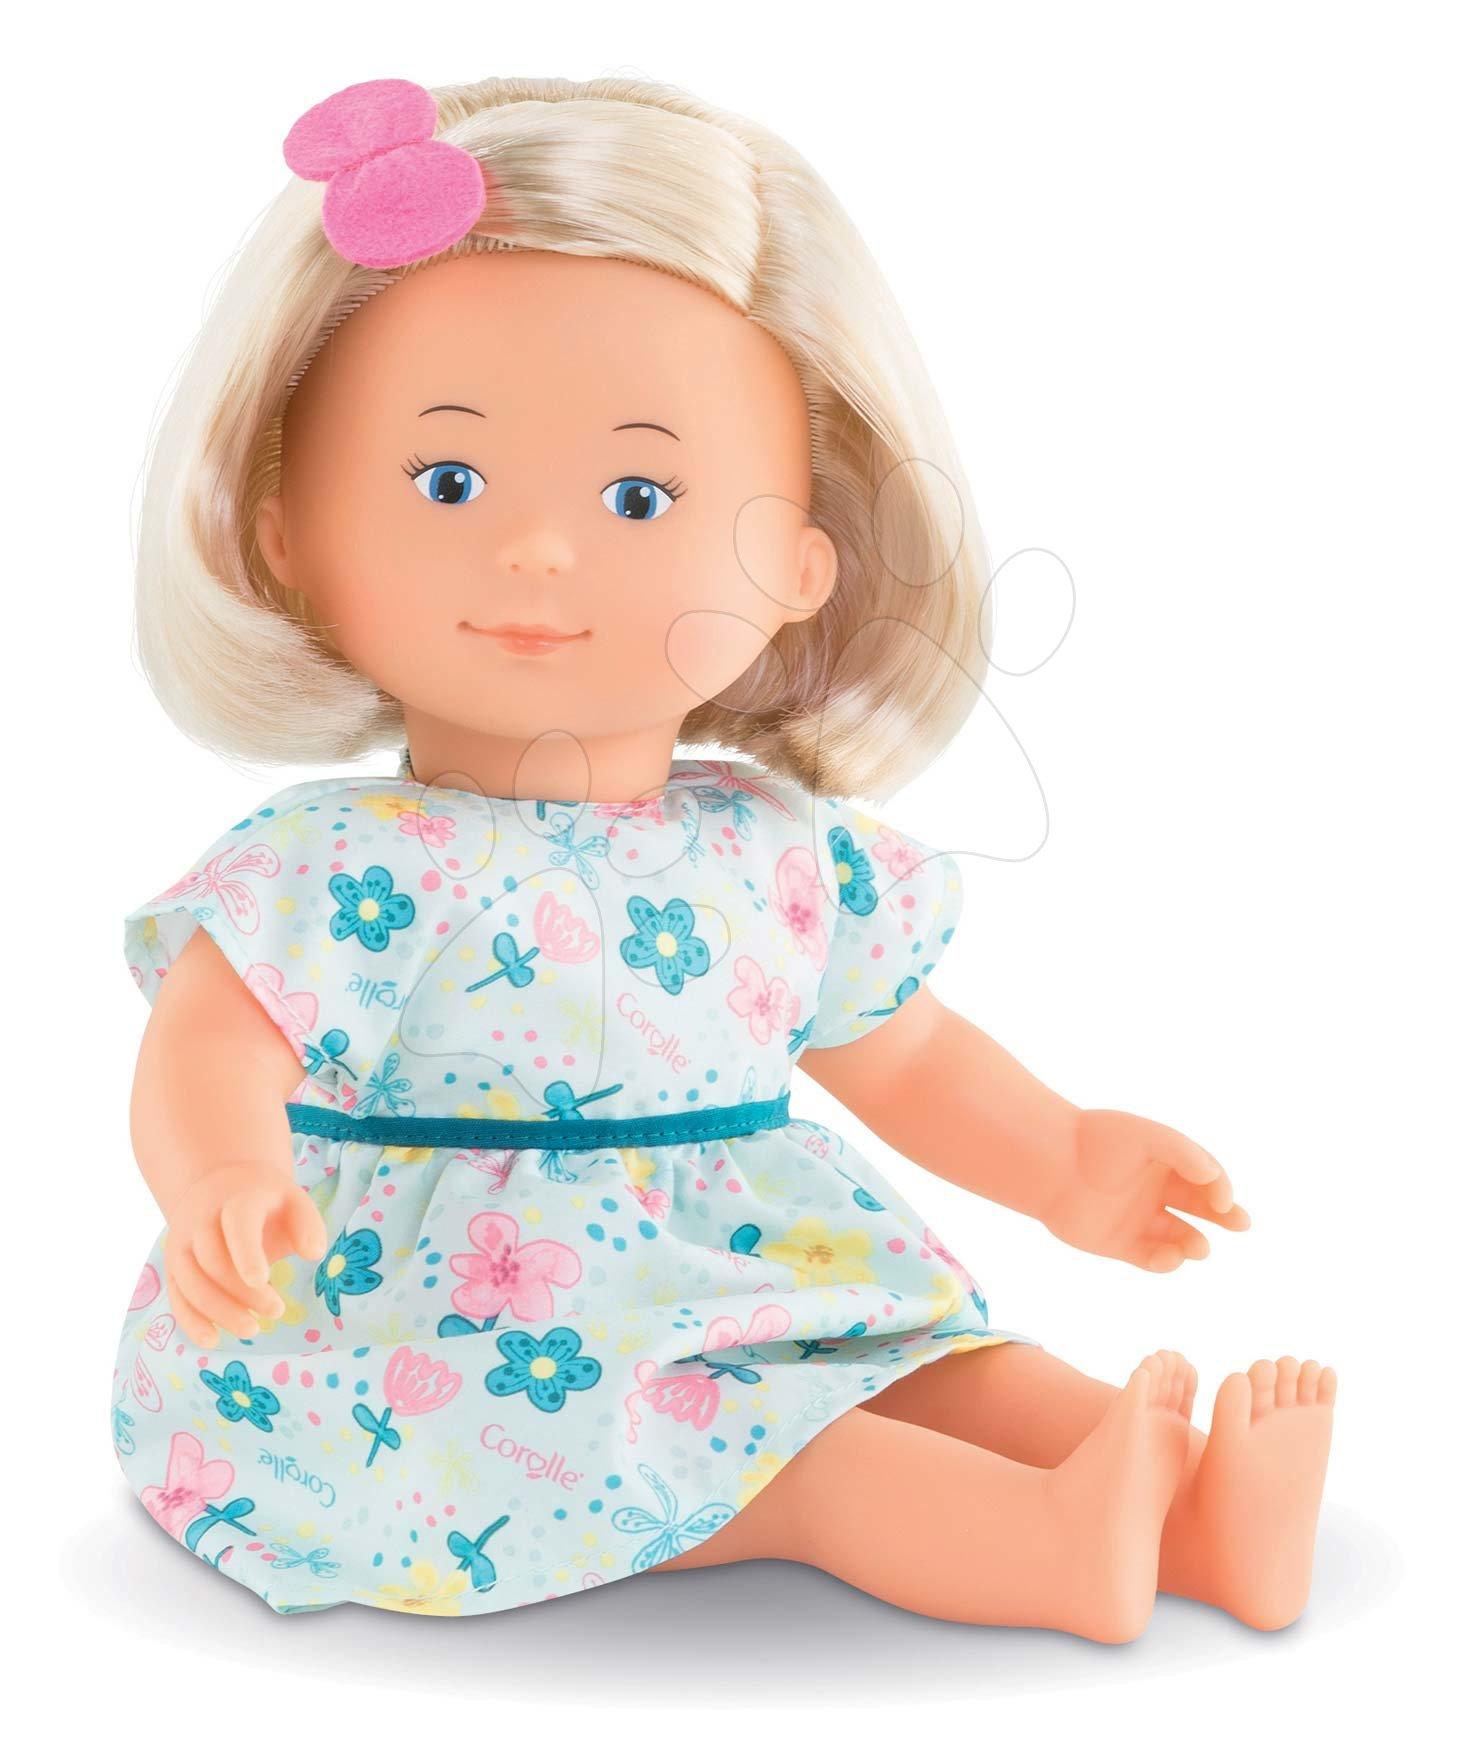 Păpuși de la 18 luni - Păpușă cu rochie florală Jasmine Florolle Ma Premiere Poupee Corolle cu ochi albaștri 32 cm blondă de la 18 luni